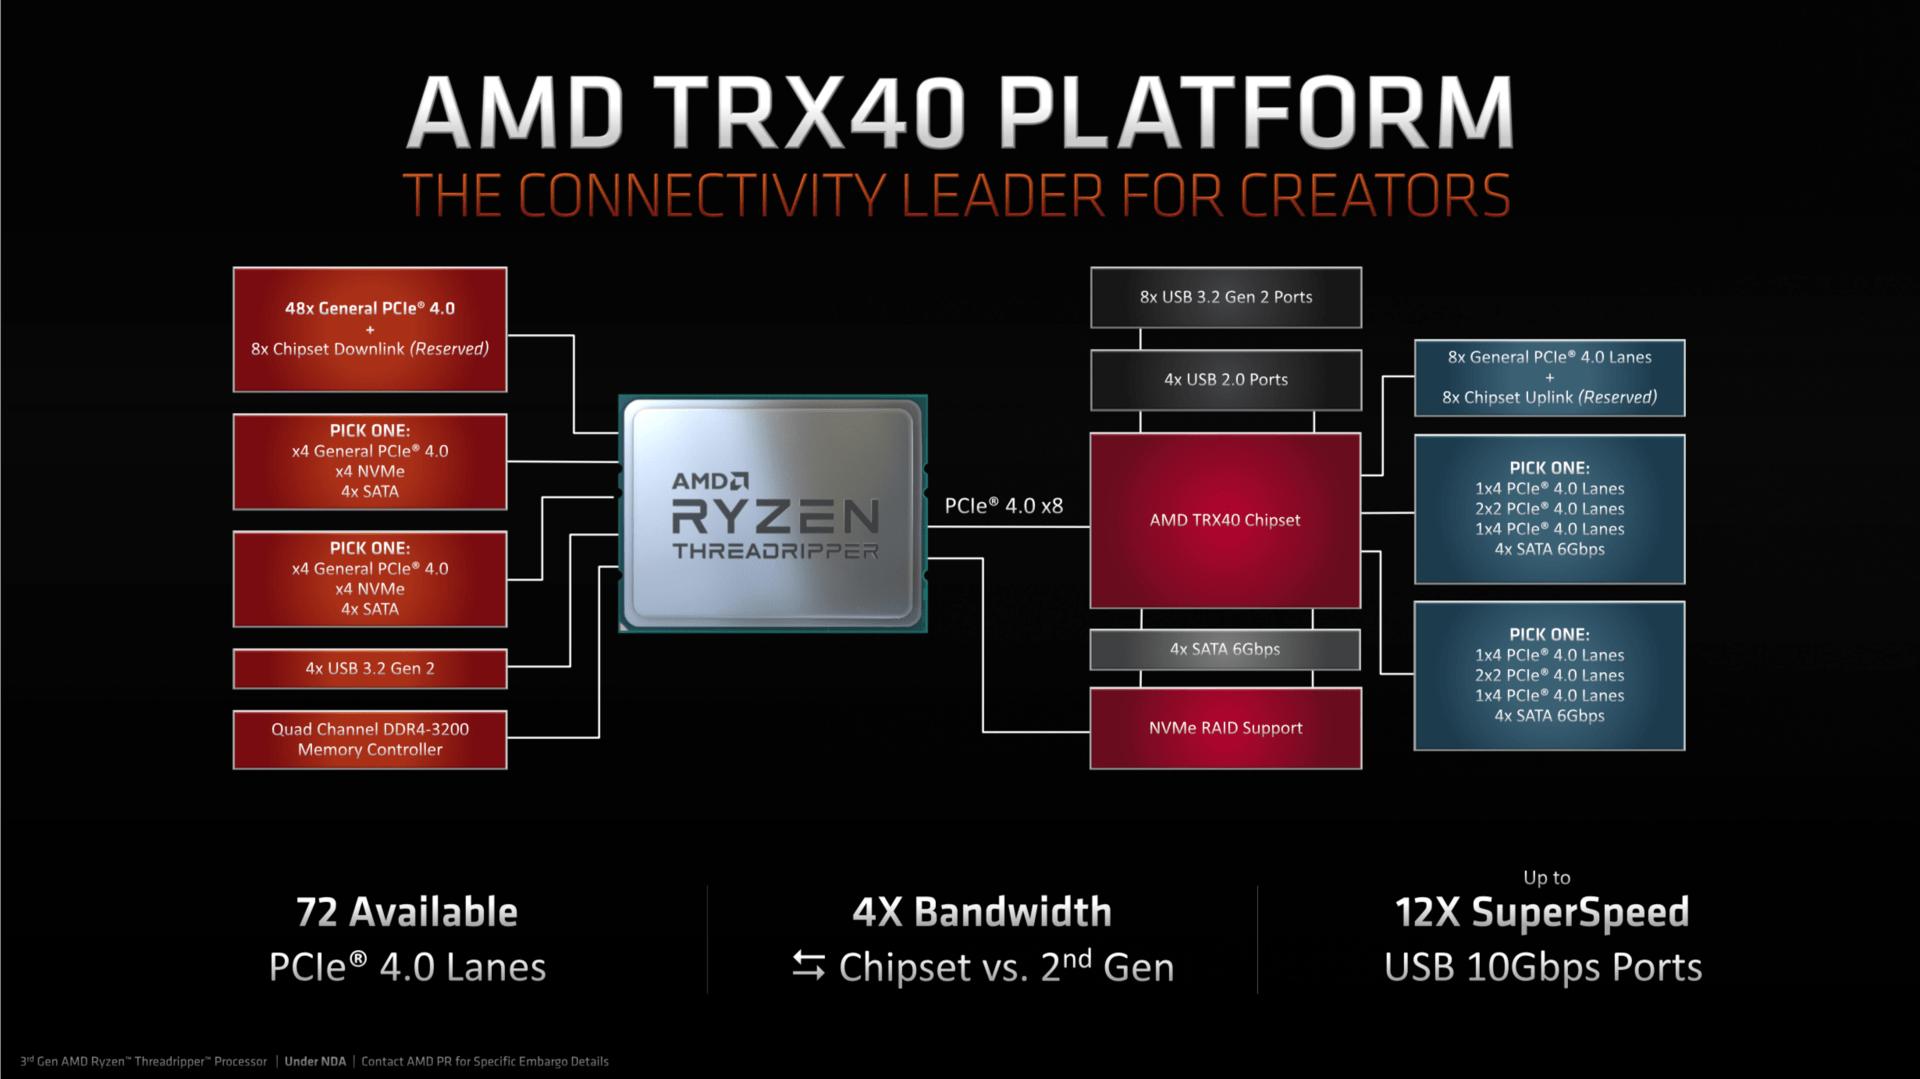 AMD-TRX40-Plattform für Ryzen Threadripper 3000